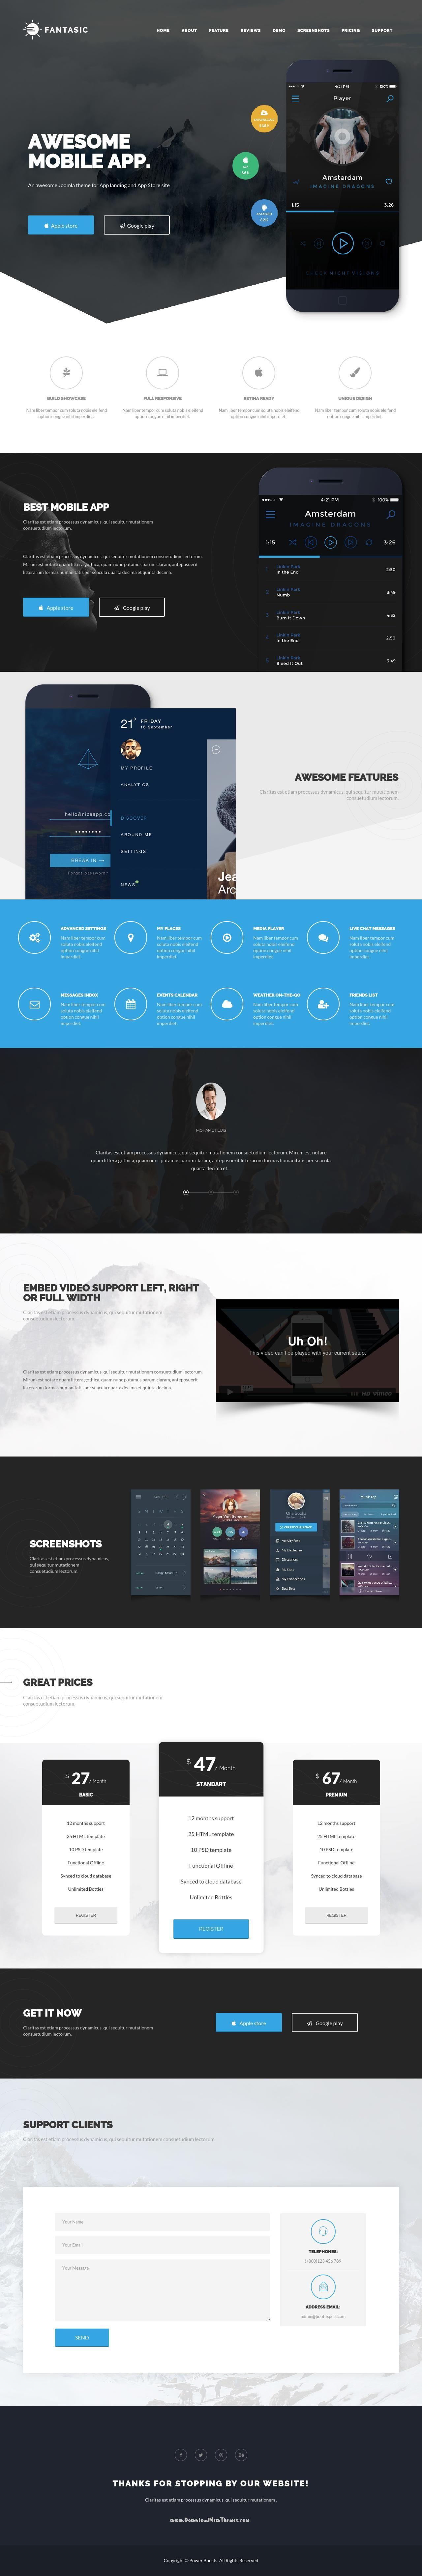 Fantasic Multipurpose Joomla Landing Page Template Landing Pages - Joomla landing page template